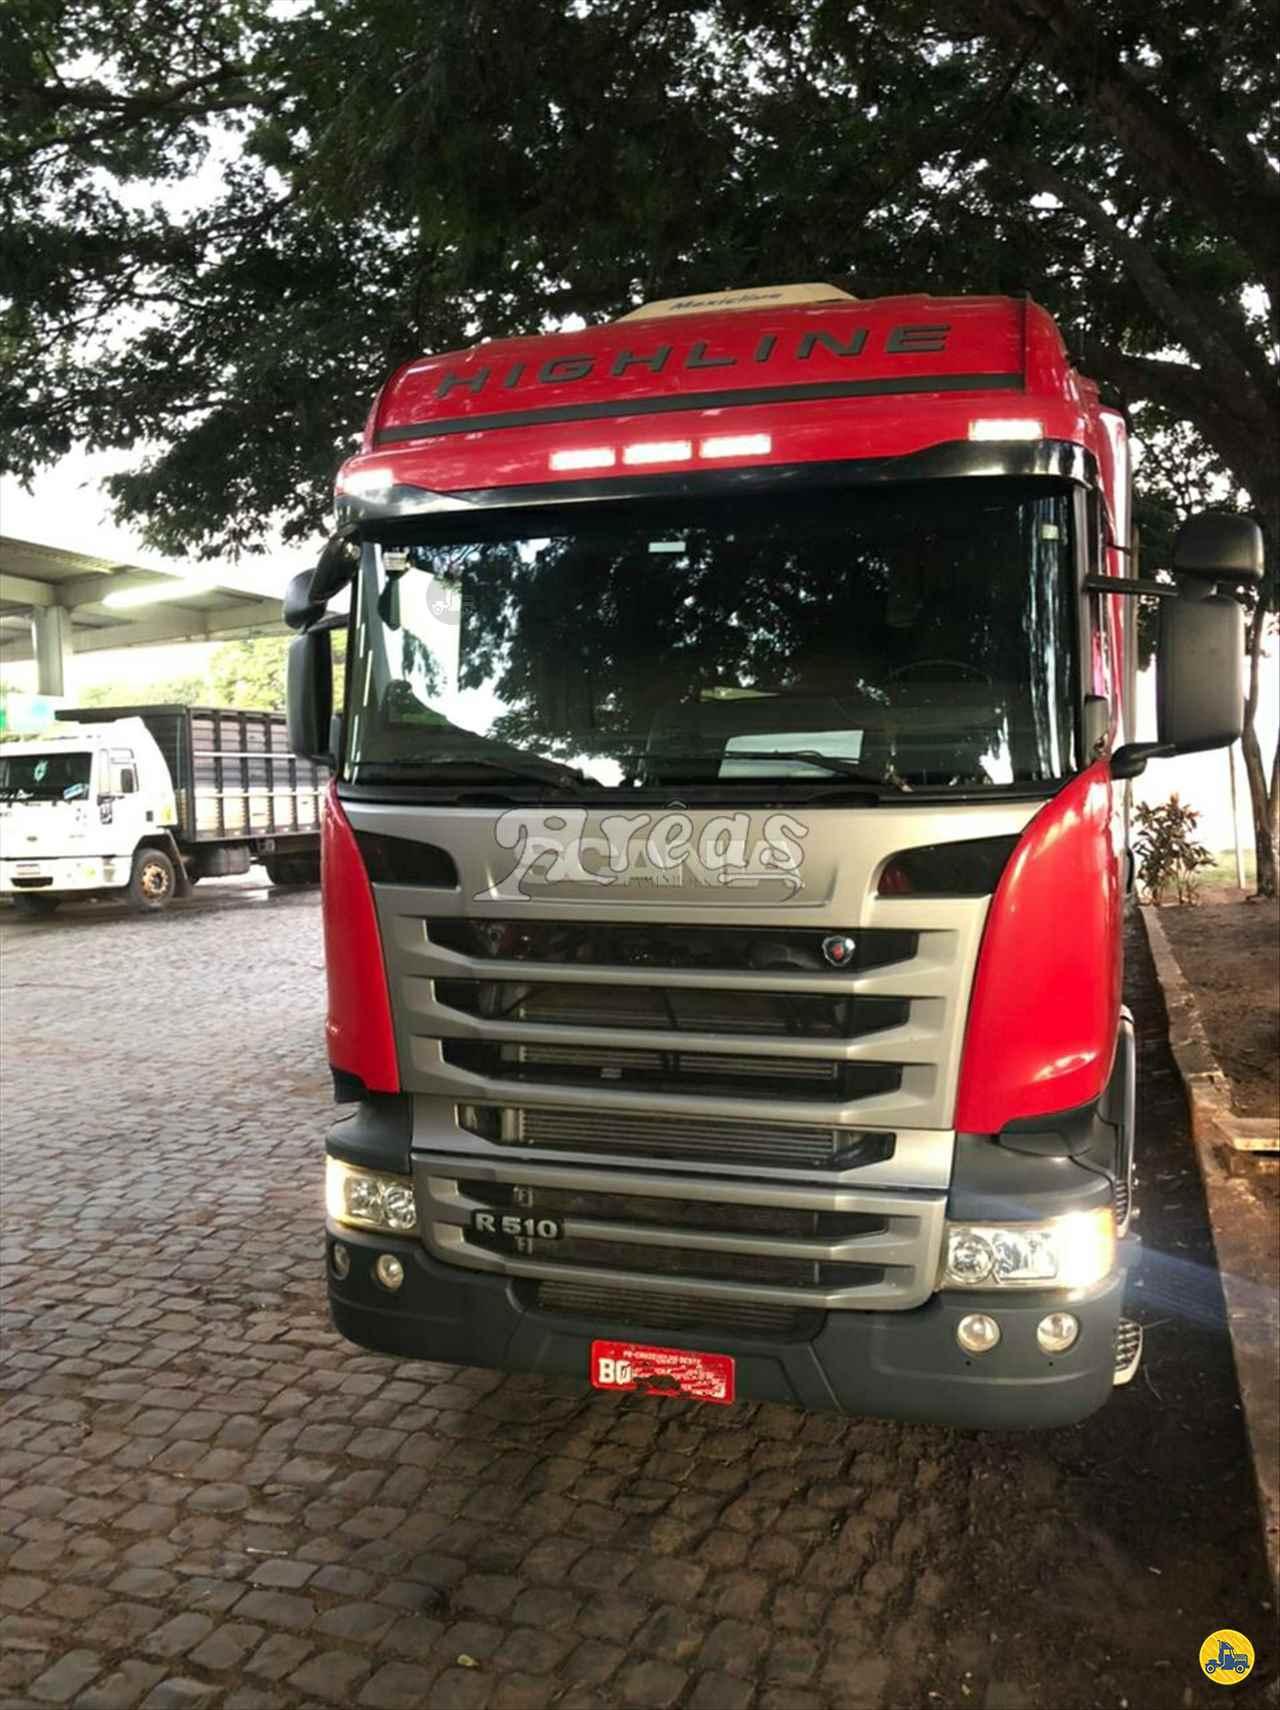 SCANIA 510 de Arêas Caminhões - MARINGA/PR